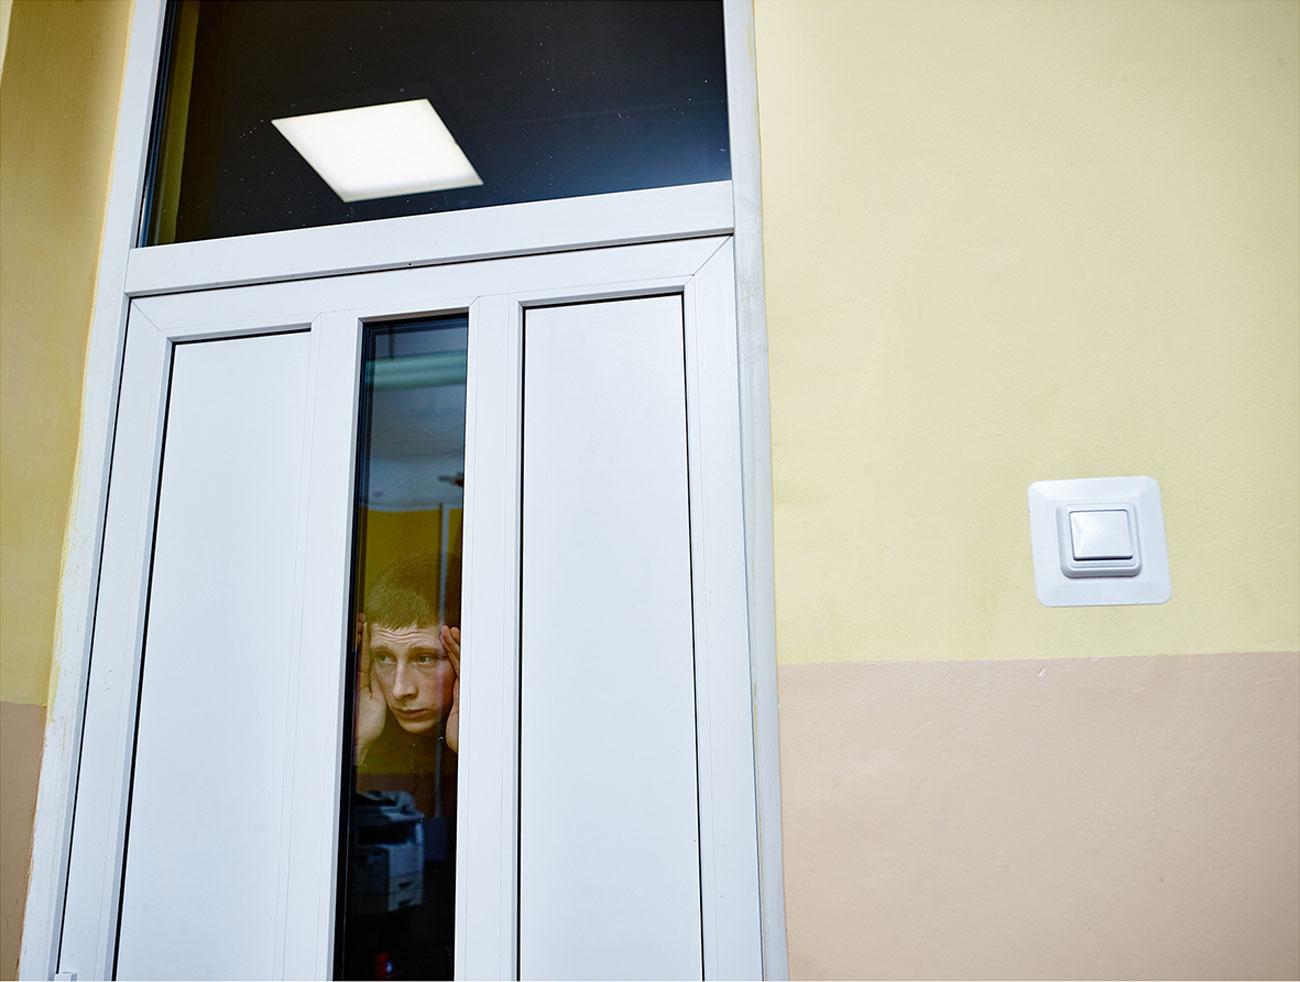 monrowe-zuza-krajewska-imago31-przemek-okno-36x47